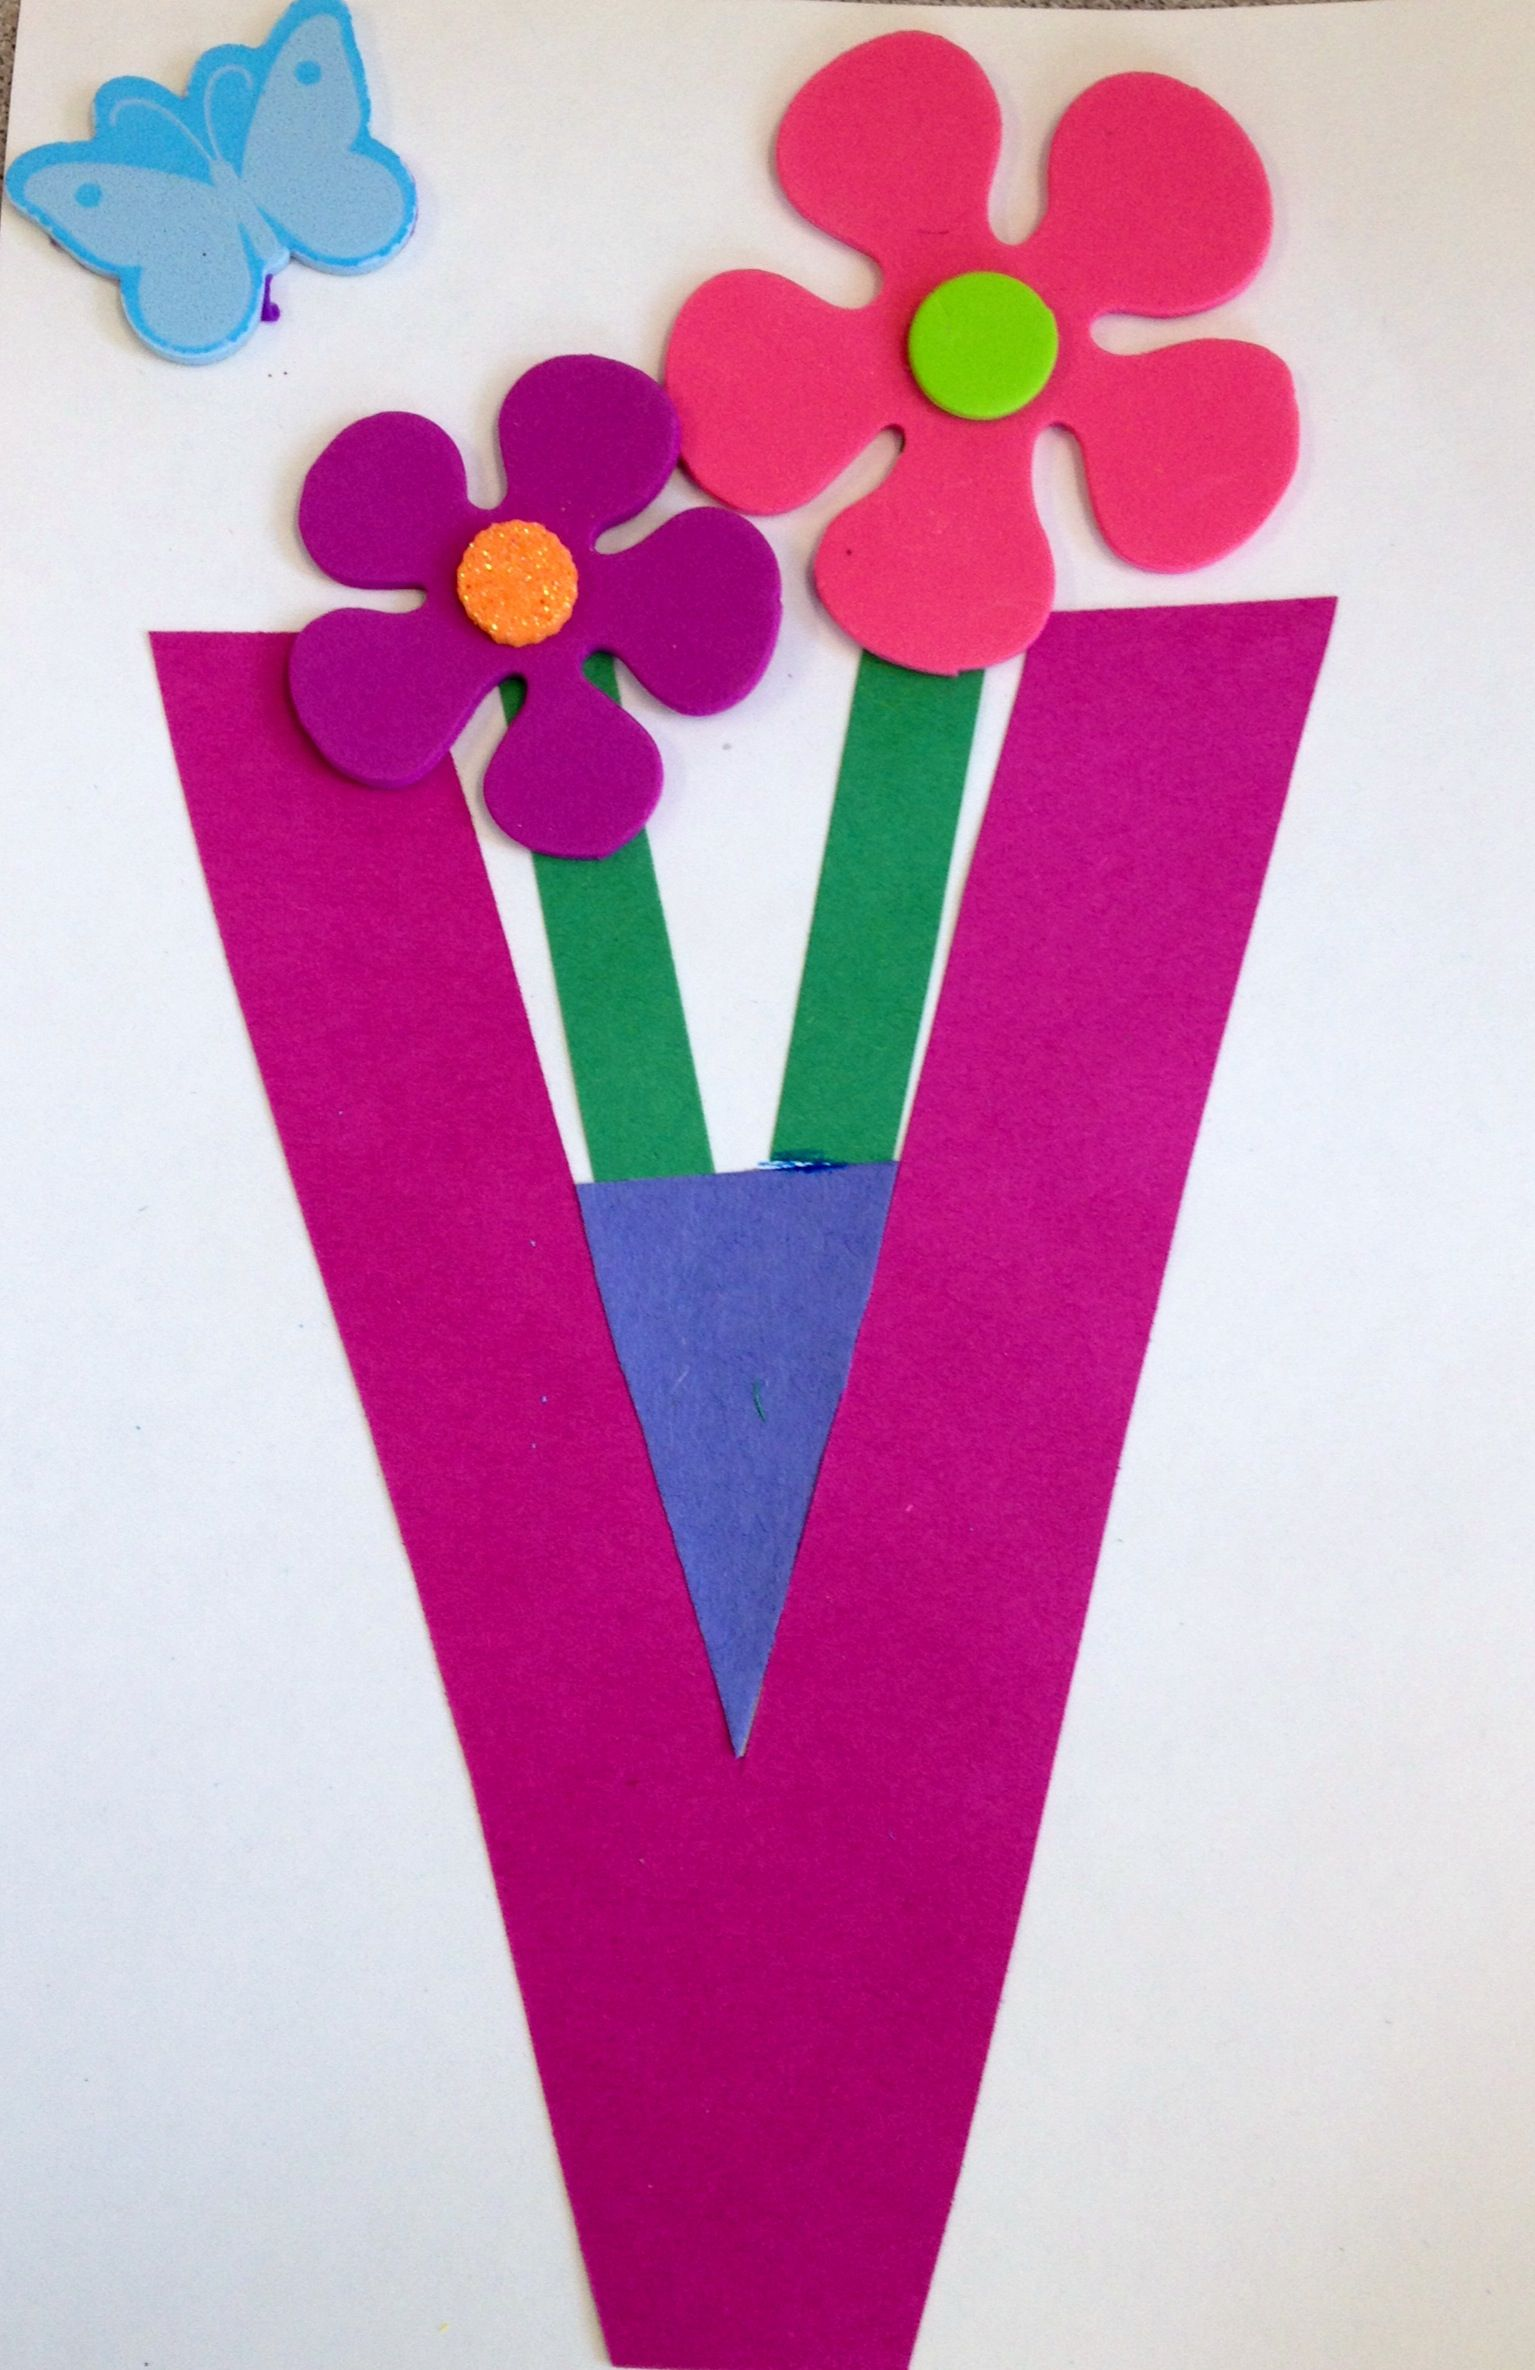 Preschool letter v craft preschool letter crafts pinterest for Letter p preschool crafts